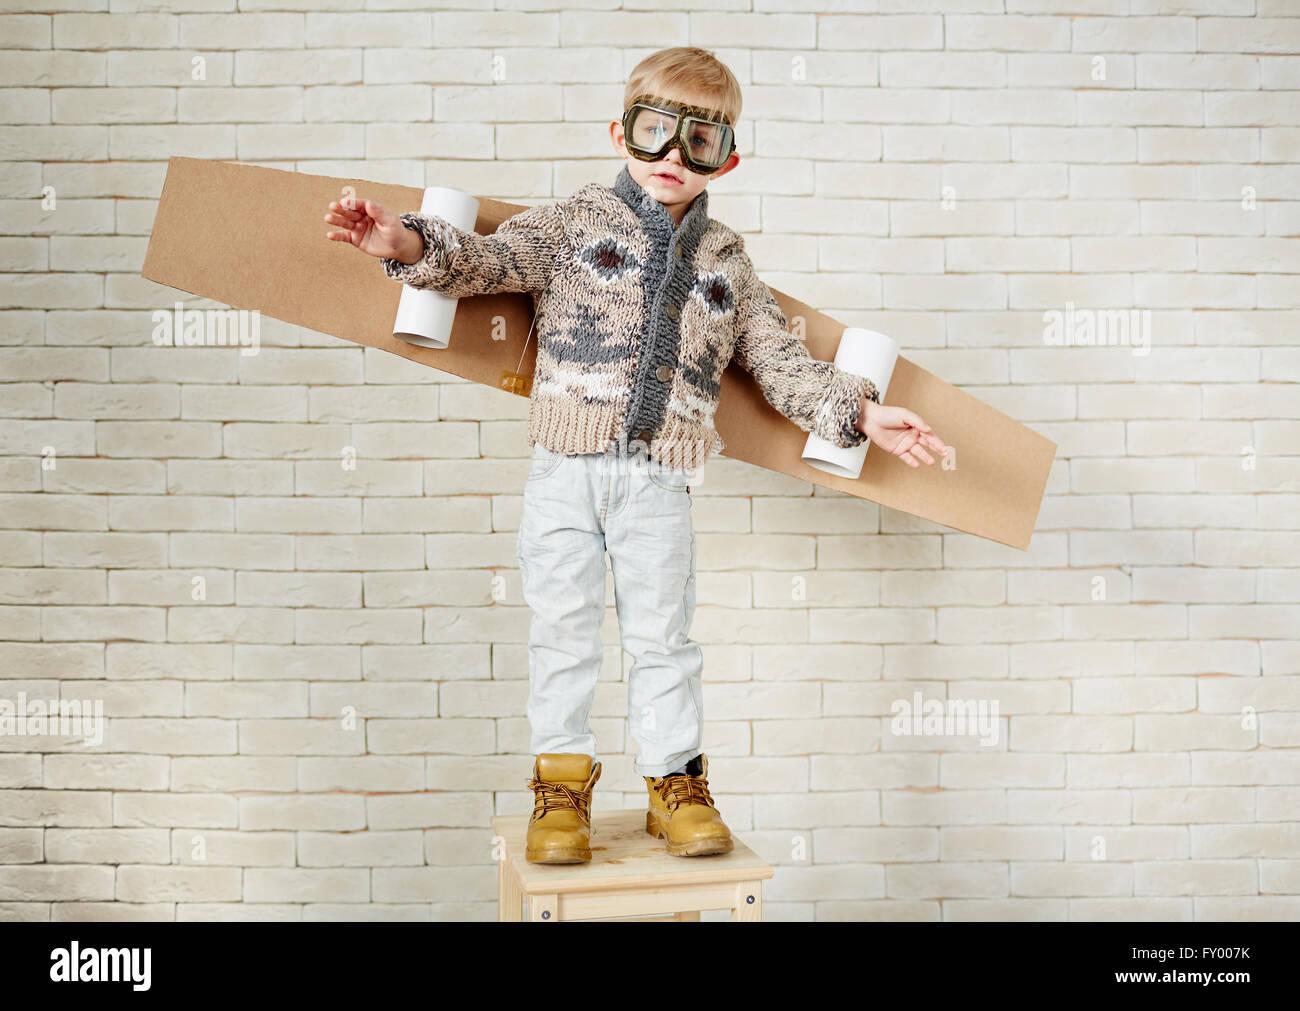 Cute pilot - Stock Image